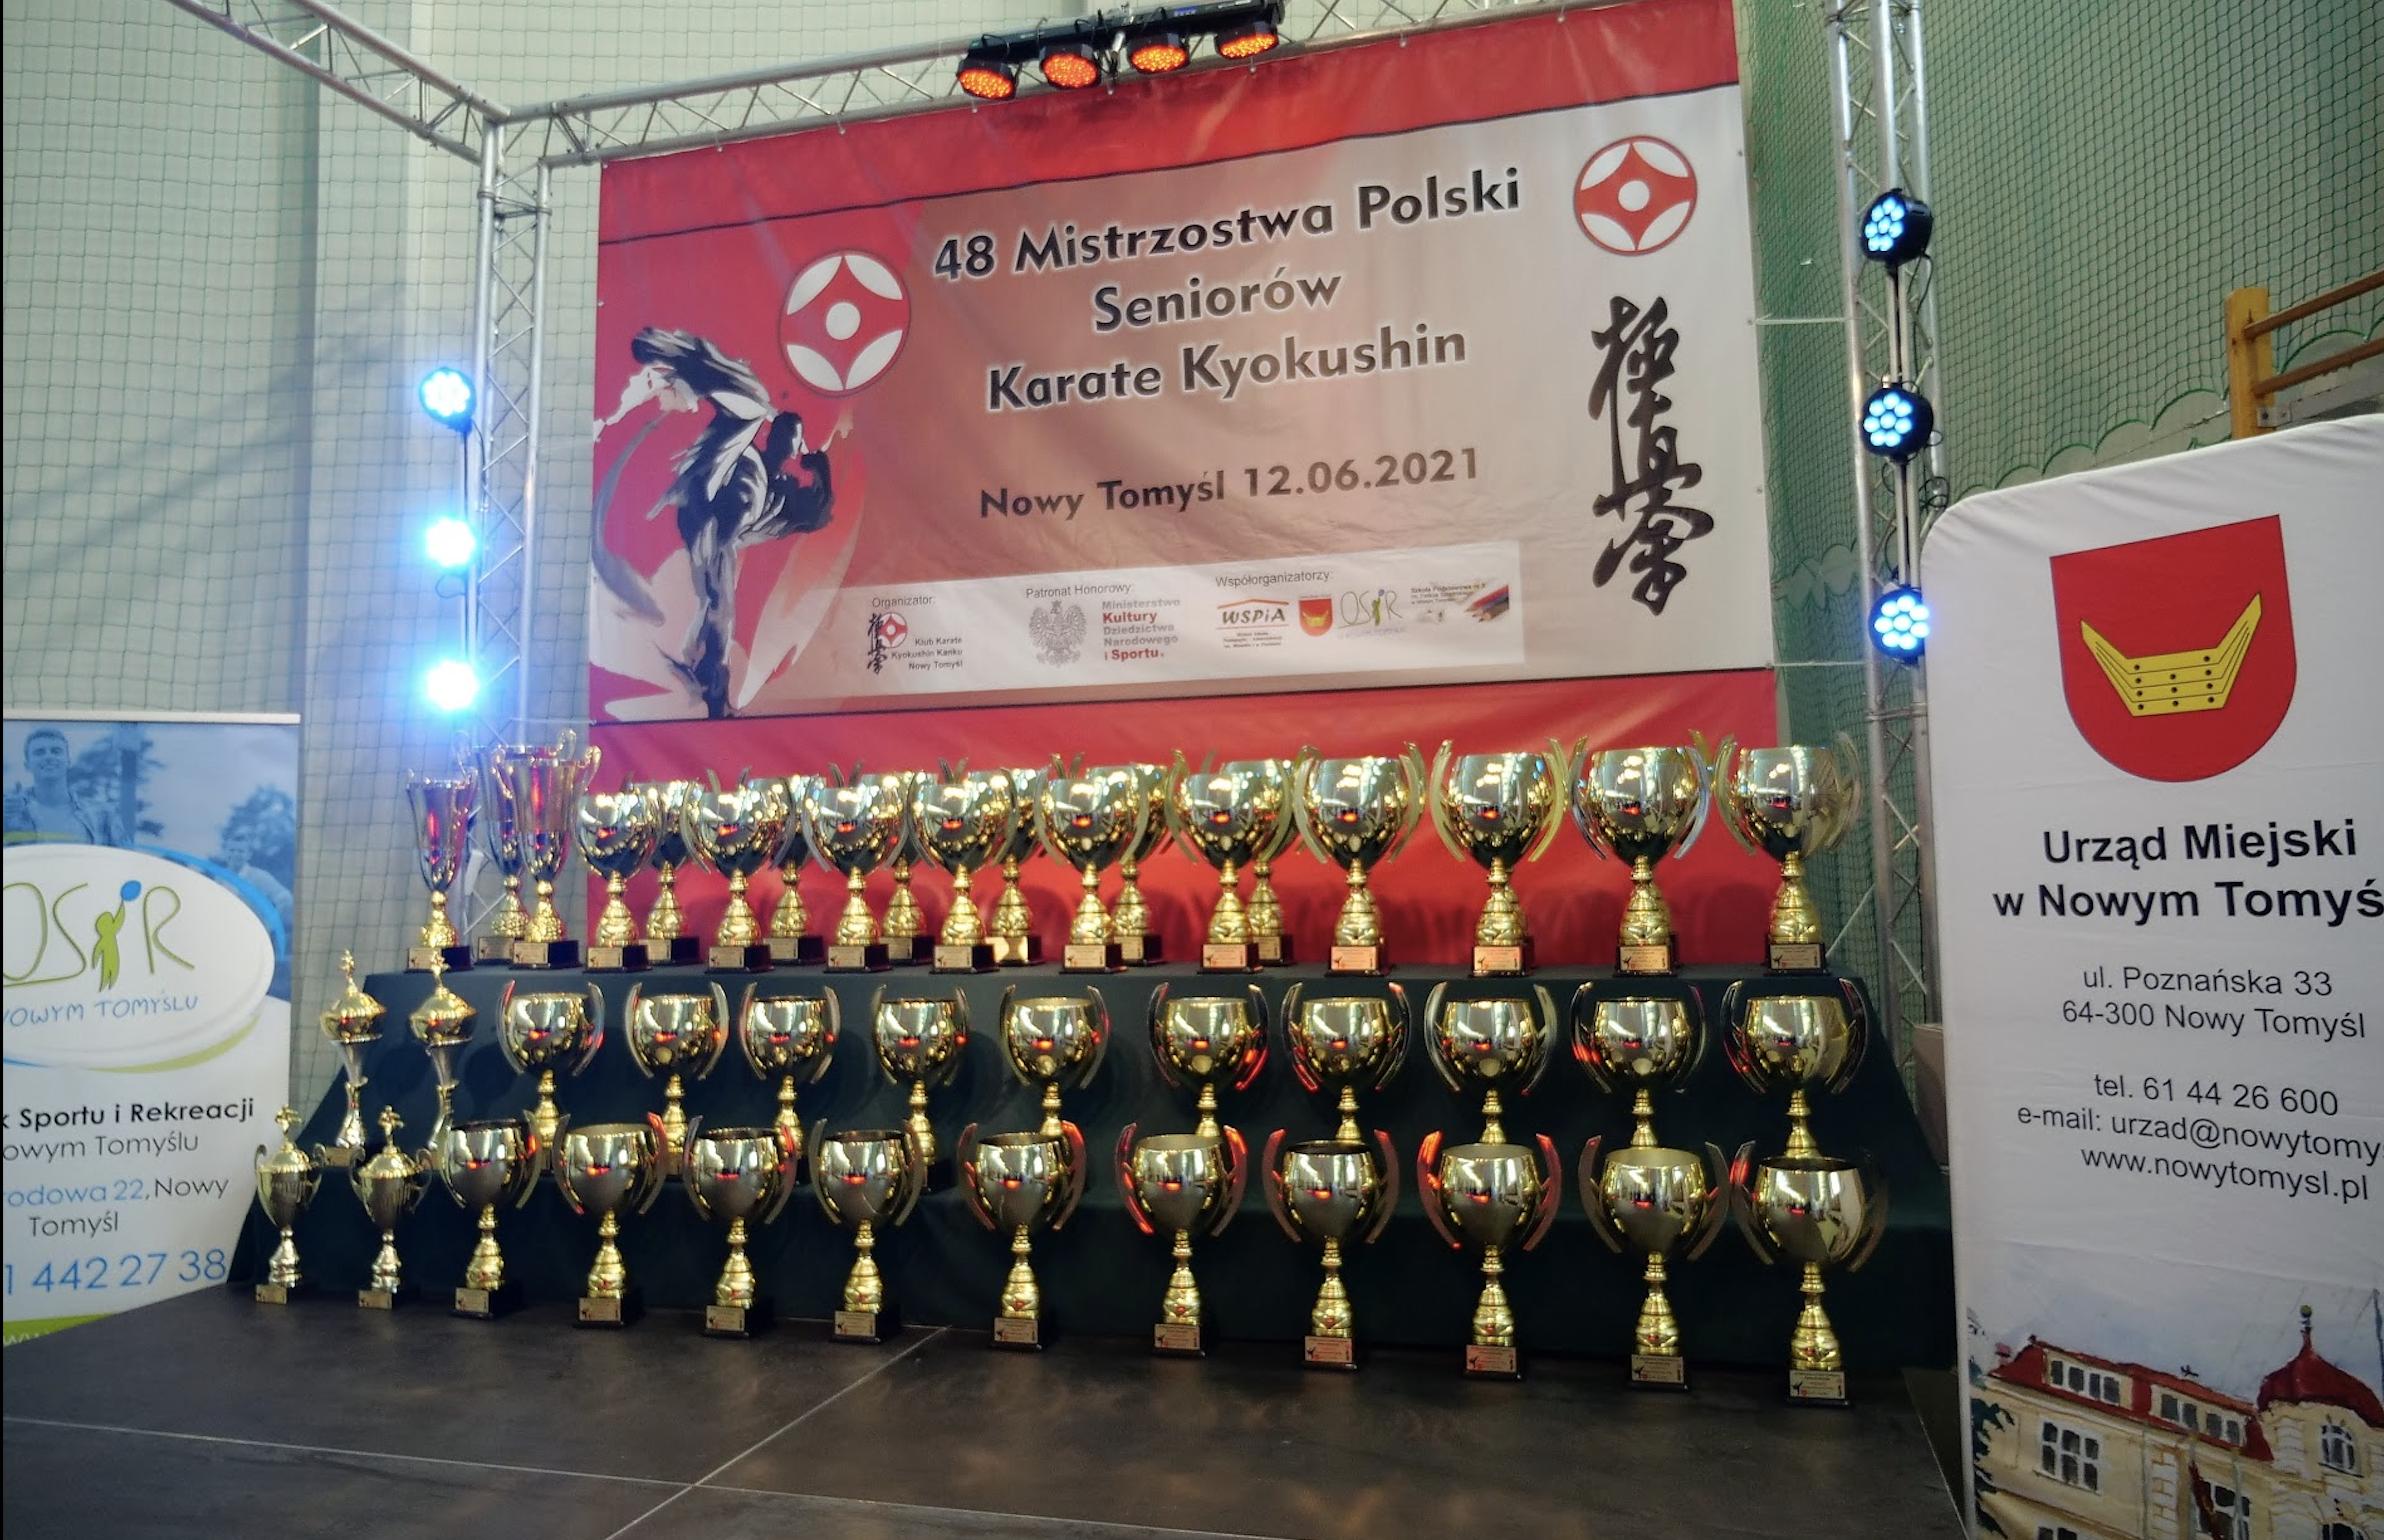 You are currently viewing 48 Mistrzostwa Polski Seniorów Karate Kyokushin